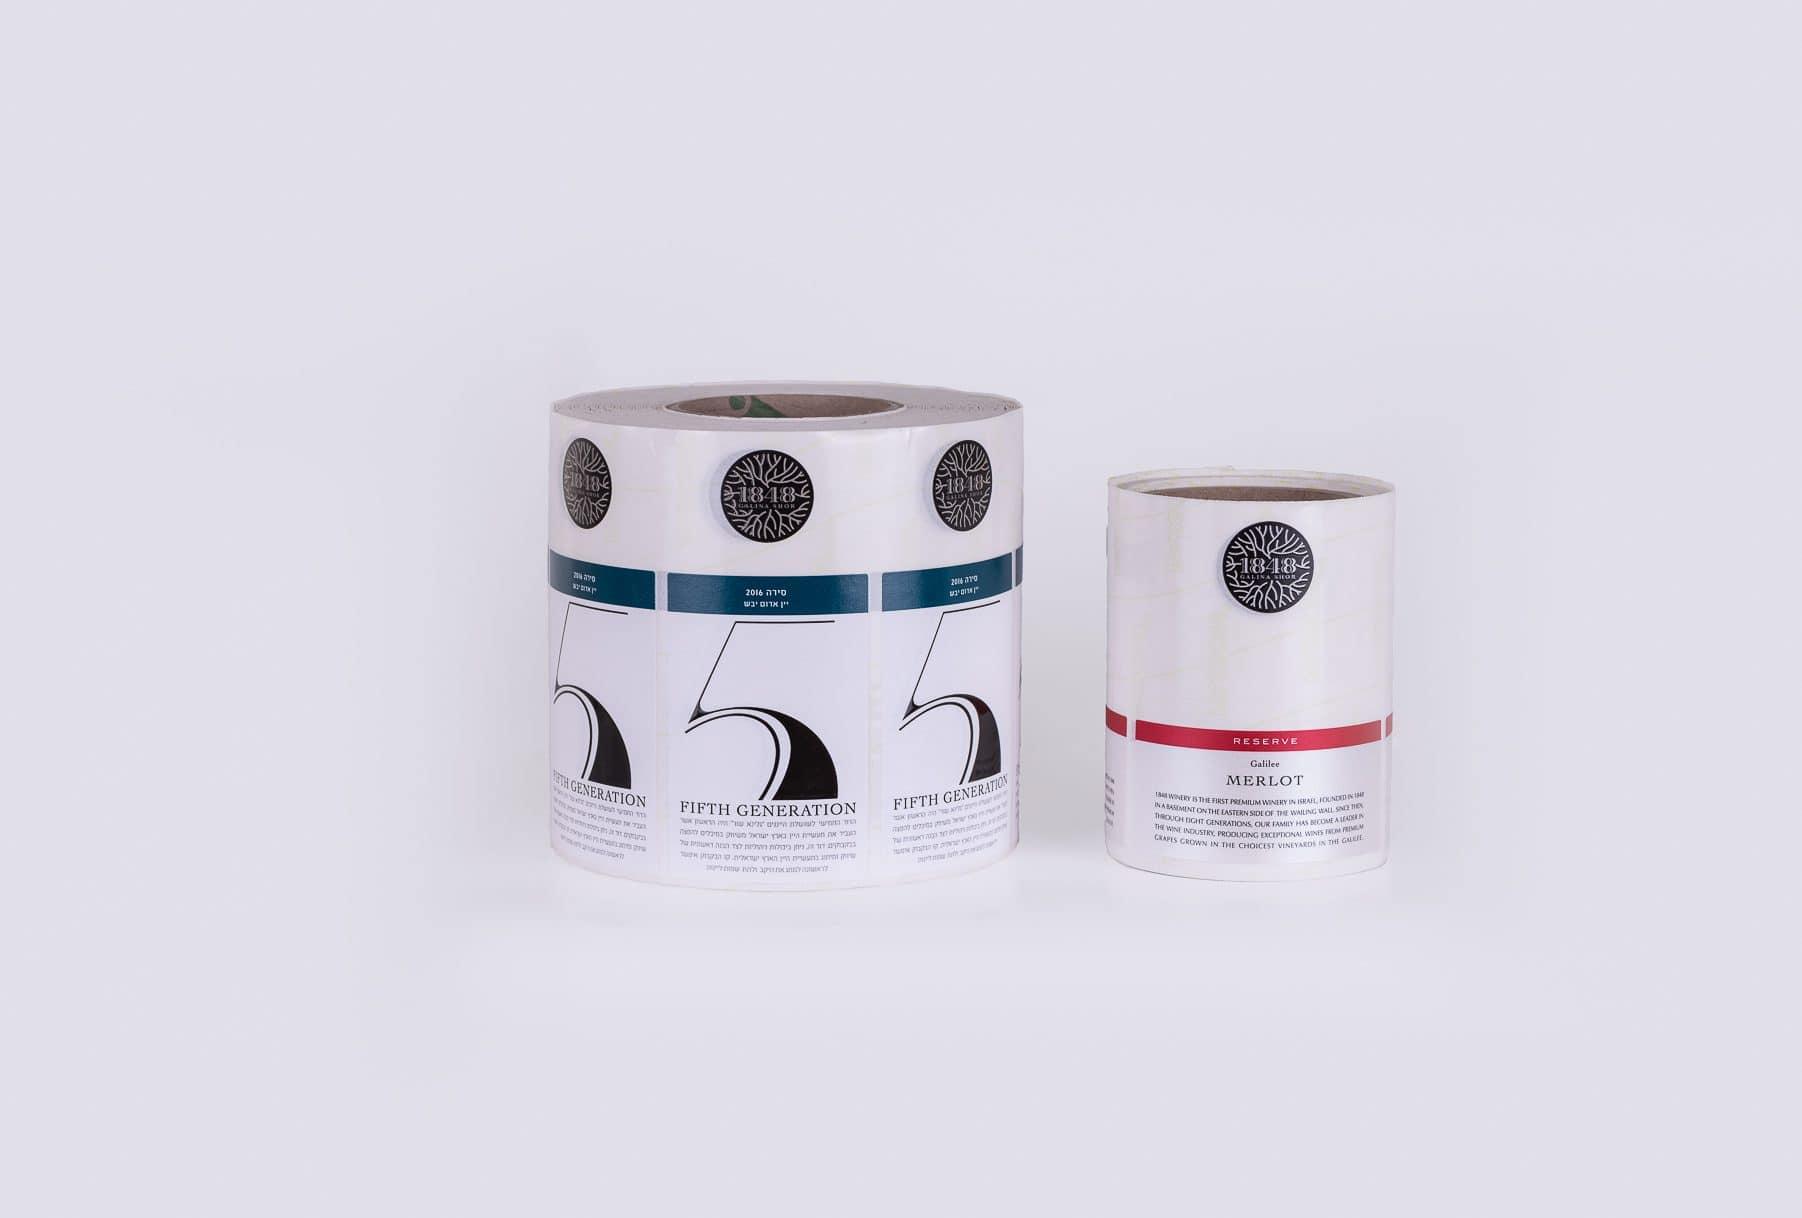 הדפסת גליל תוויות לבנה עם פס כחול ליין אדום יבש,מהדורה חמישית, שנת בציר 2016 ובנוסף תוויות לבנה עם פס אדום ליין MERLOT של יקב 1818